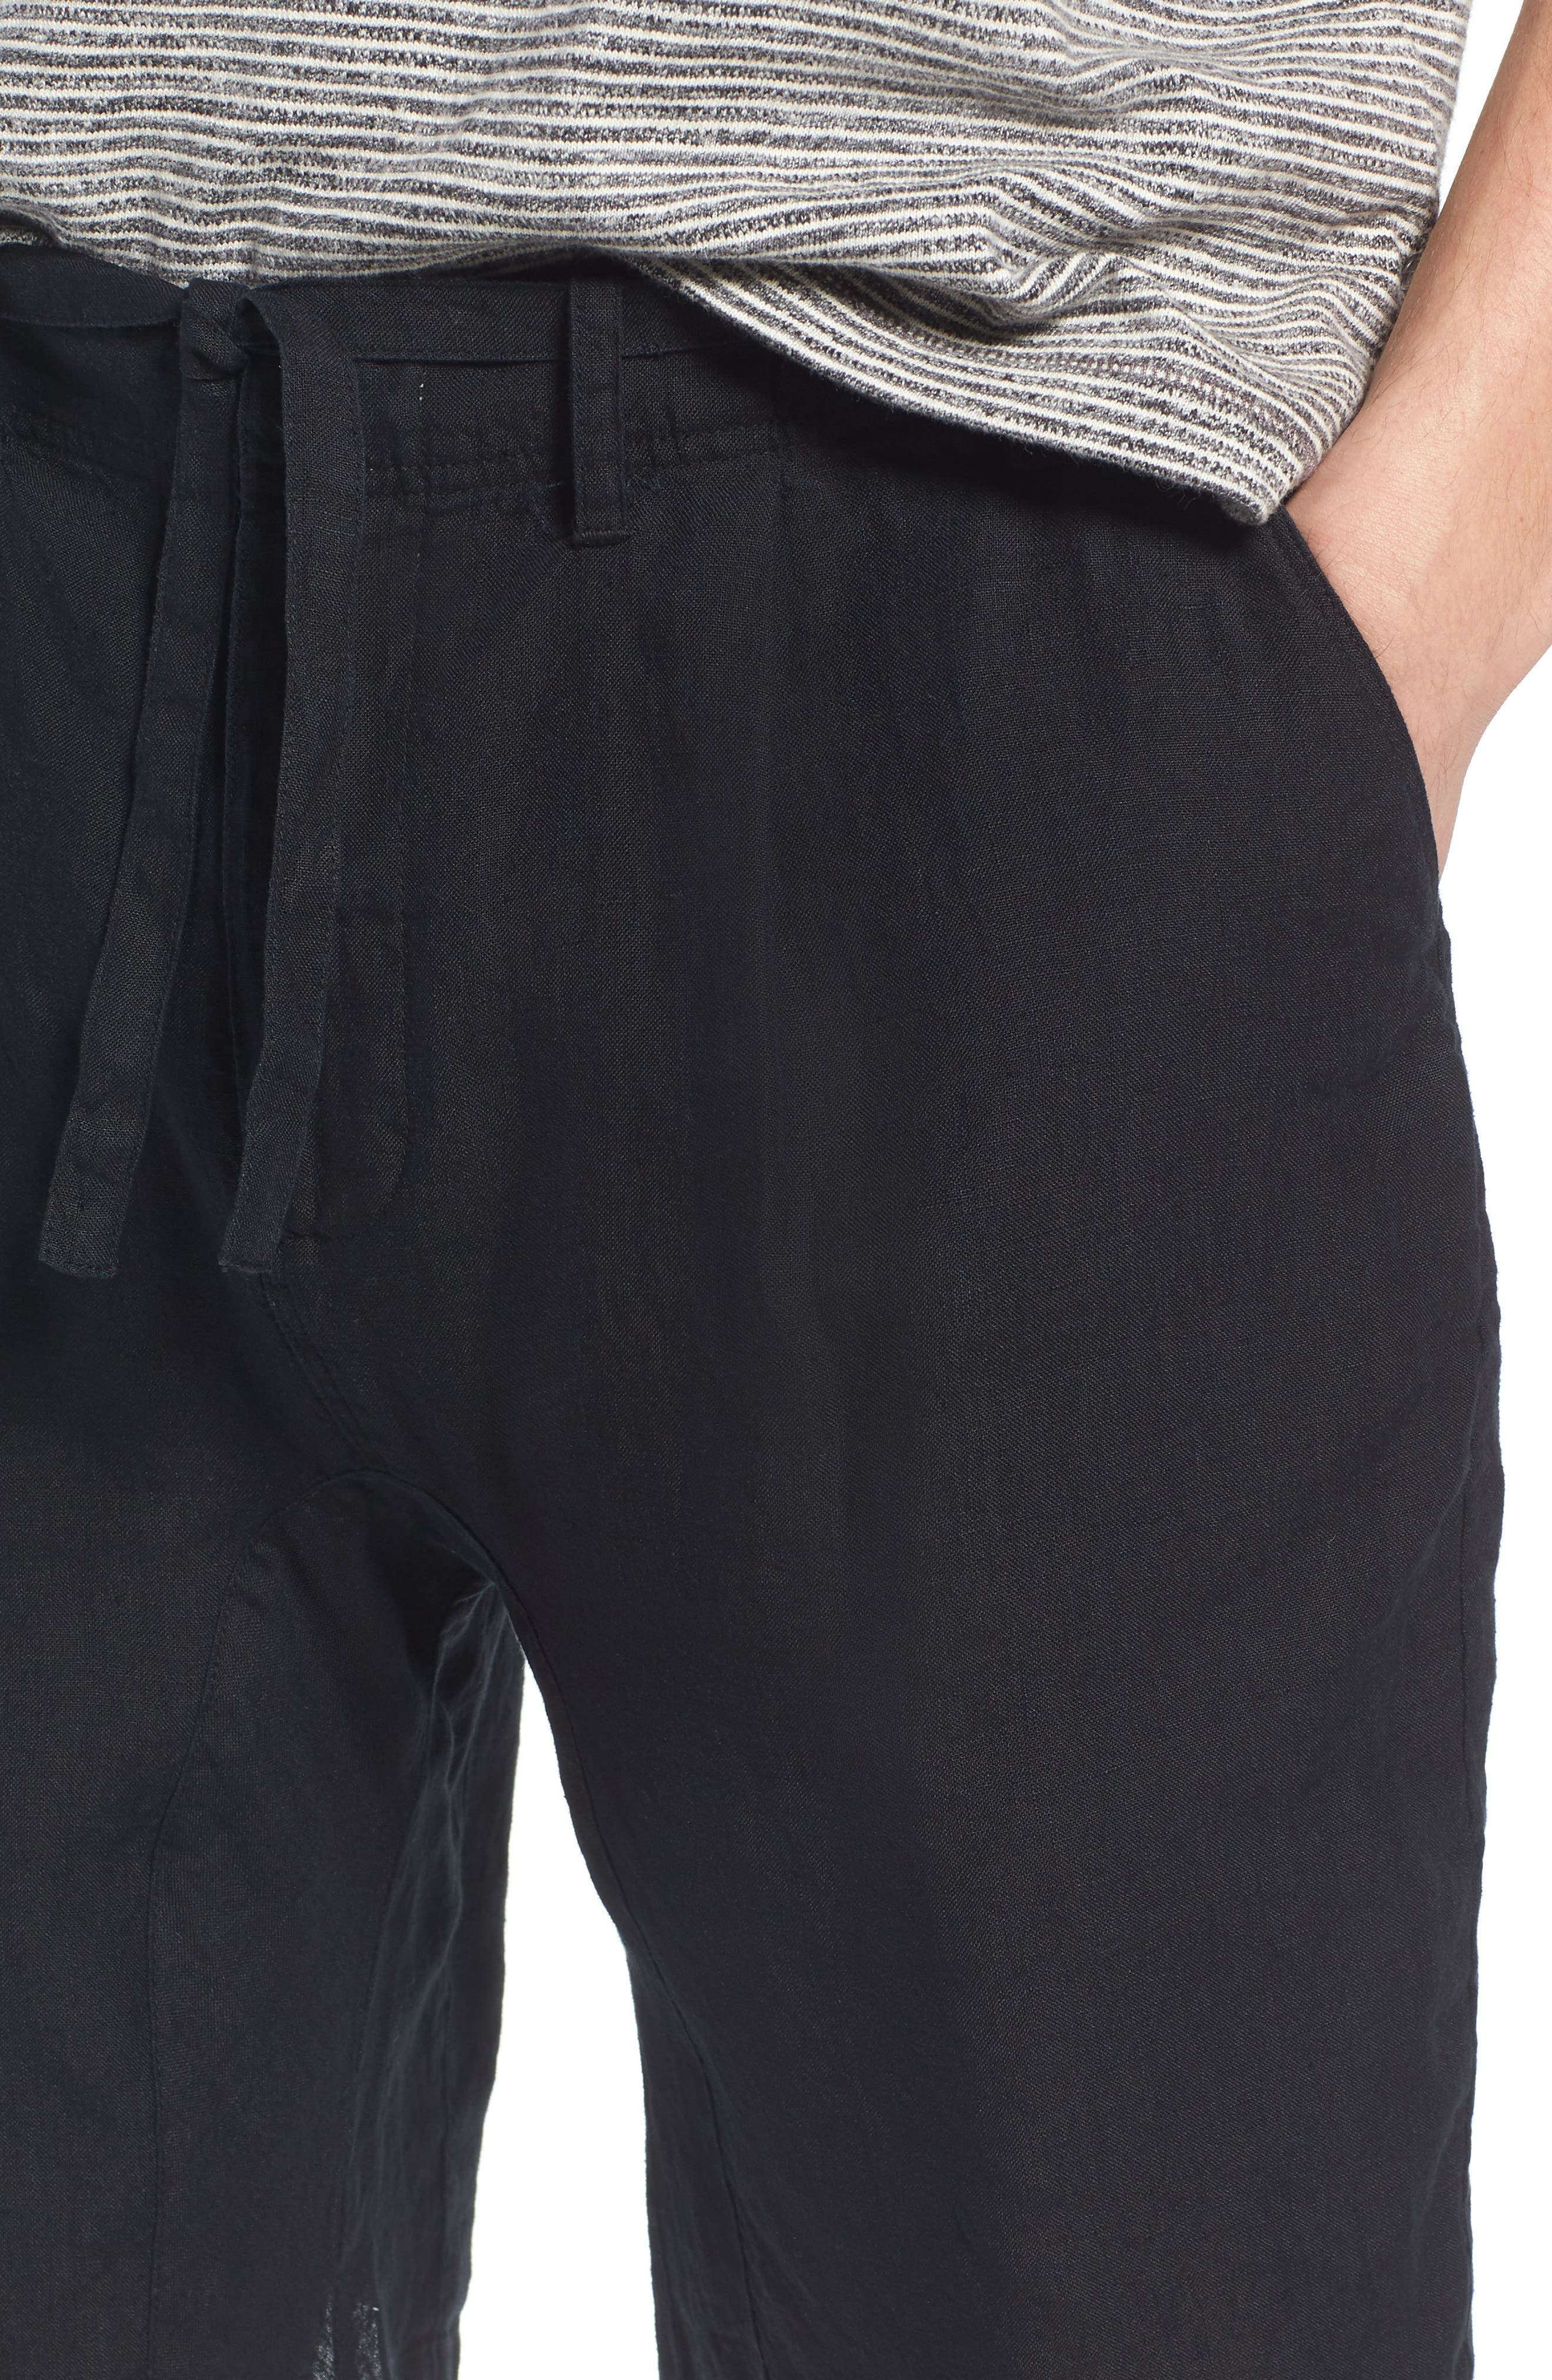 Pleat Tie Waist Linen Shorts,                             Alternate thumbnail 4, color,                             Black